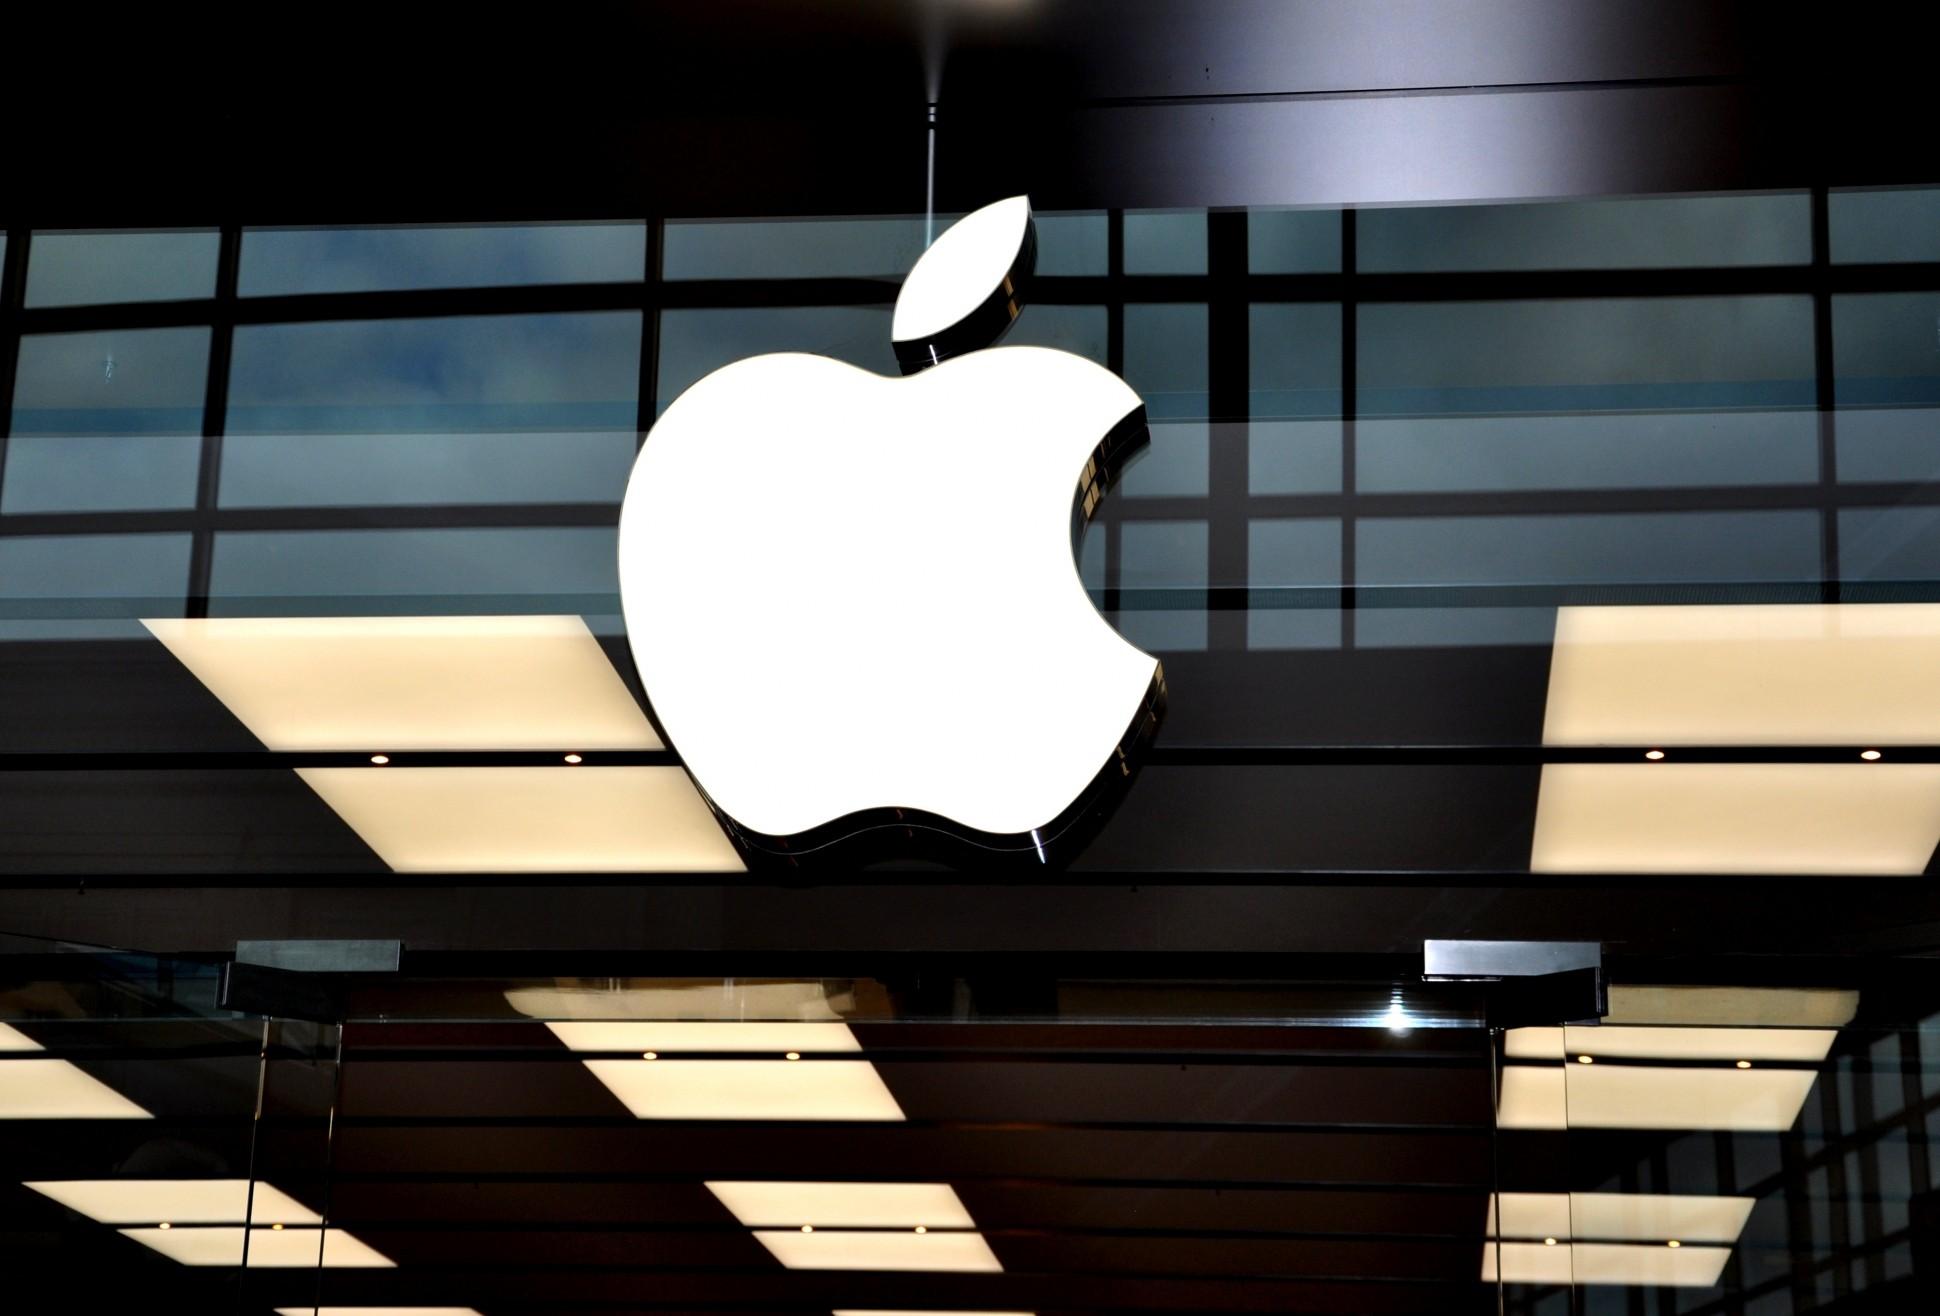 Apple ve Disney'in Birleşmesiyle Dünyanın İlk Trilyon Dolarlık Şirketi Oluşabilir